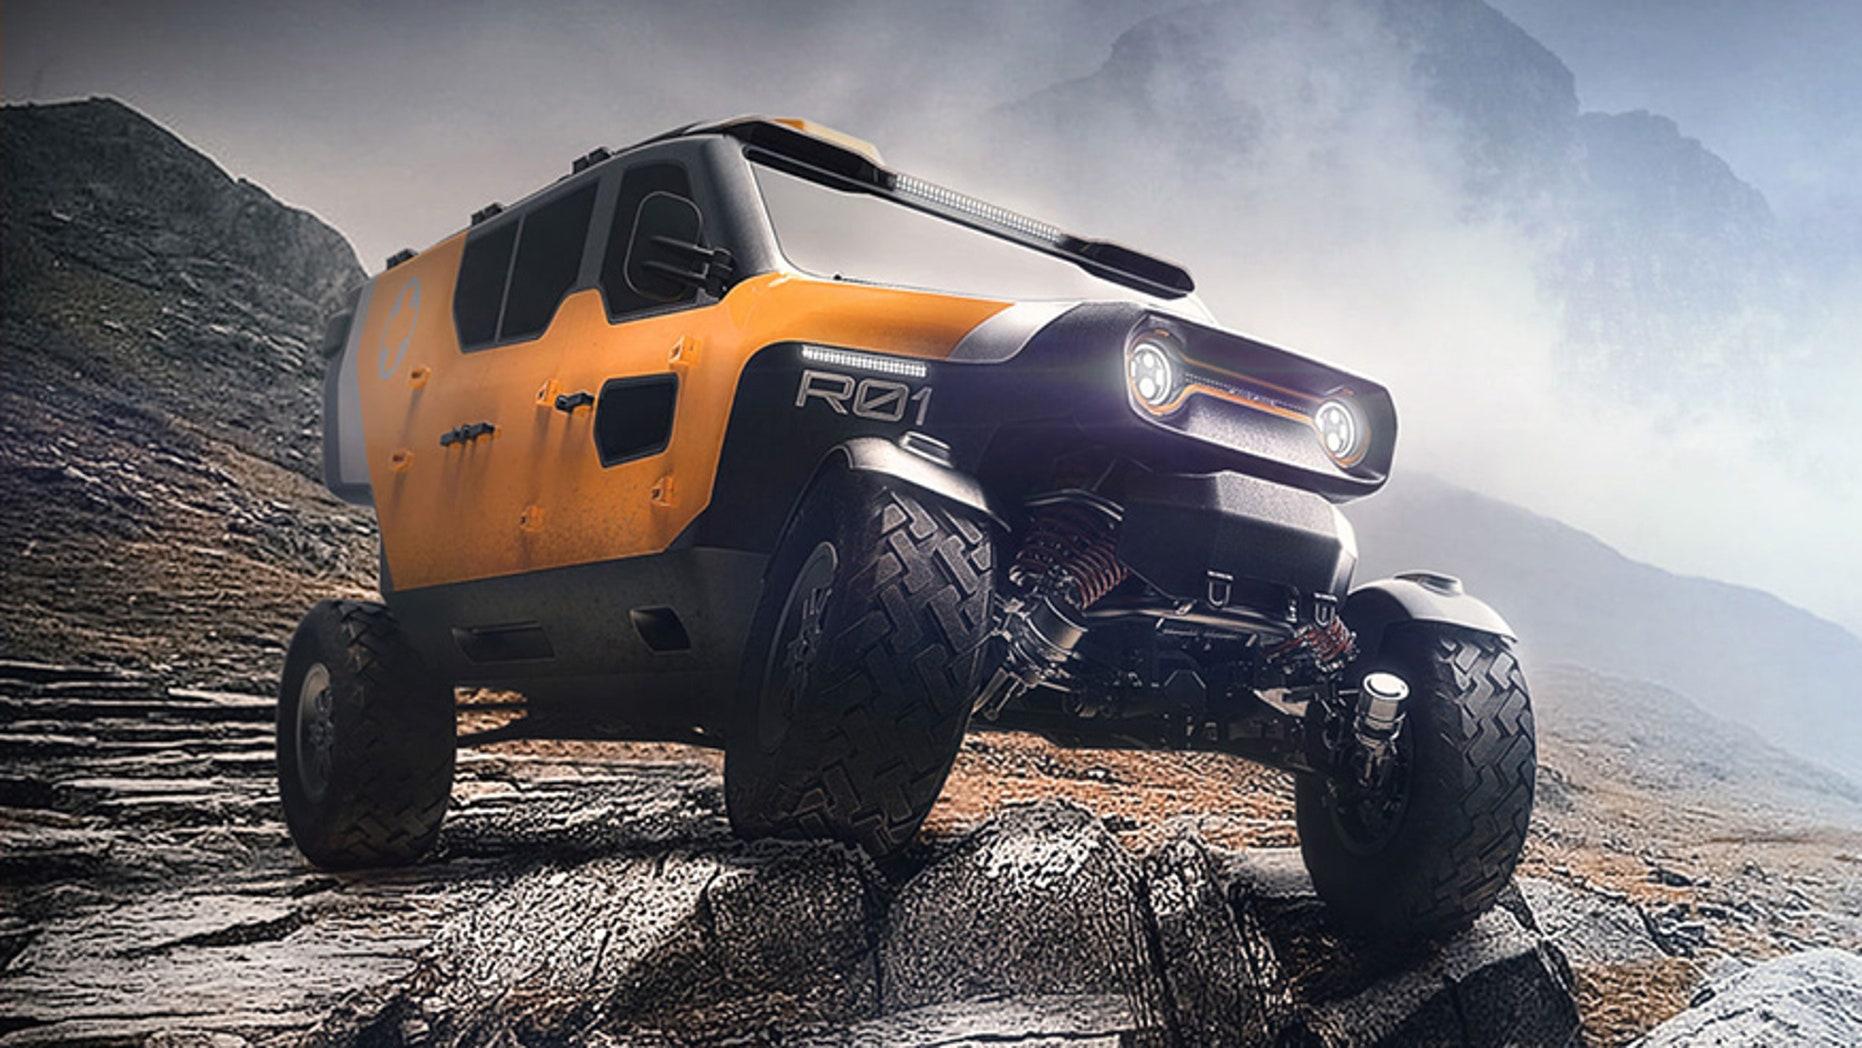 Retro Futuristic Off Road Truck To The Rescue Fox News